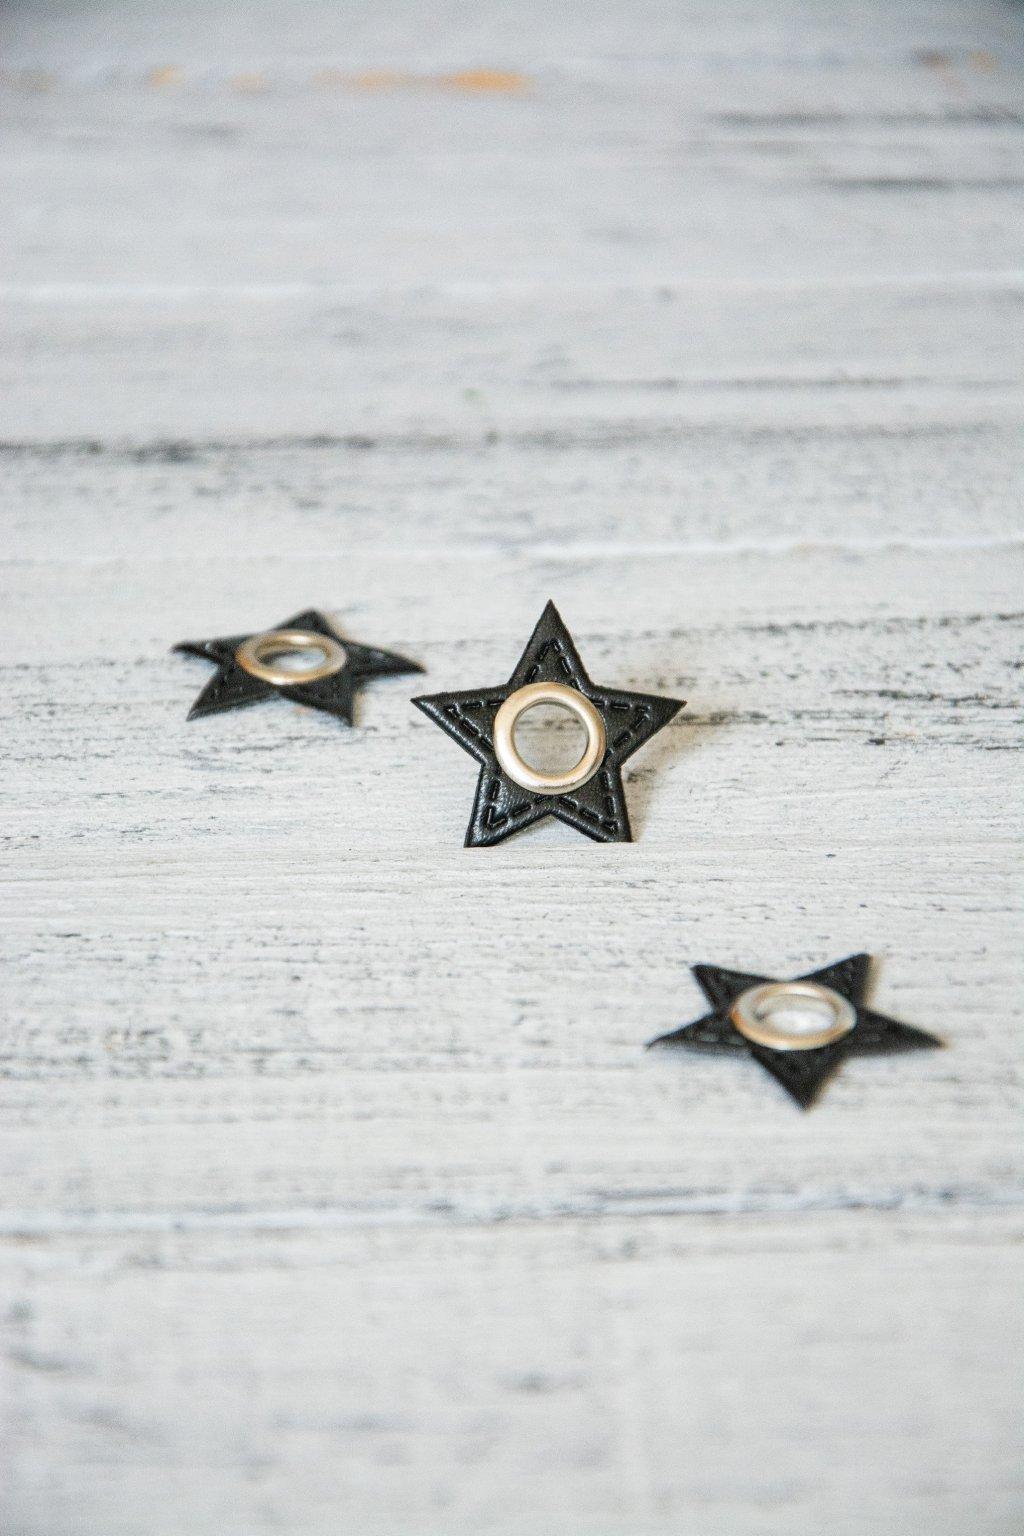 Hvězda 3 x 3 cm, otvor vnitřní rozměr 8 mm